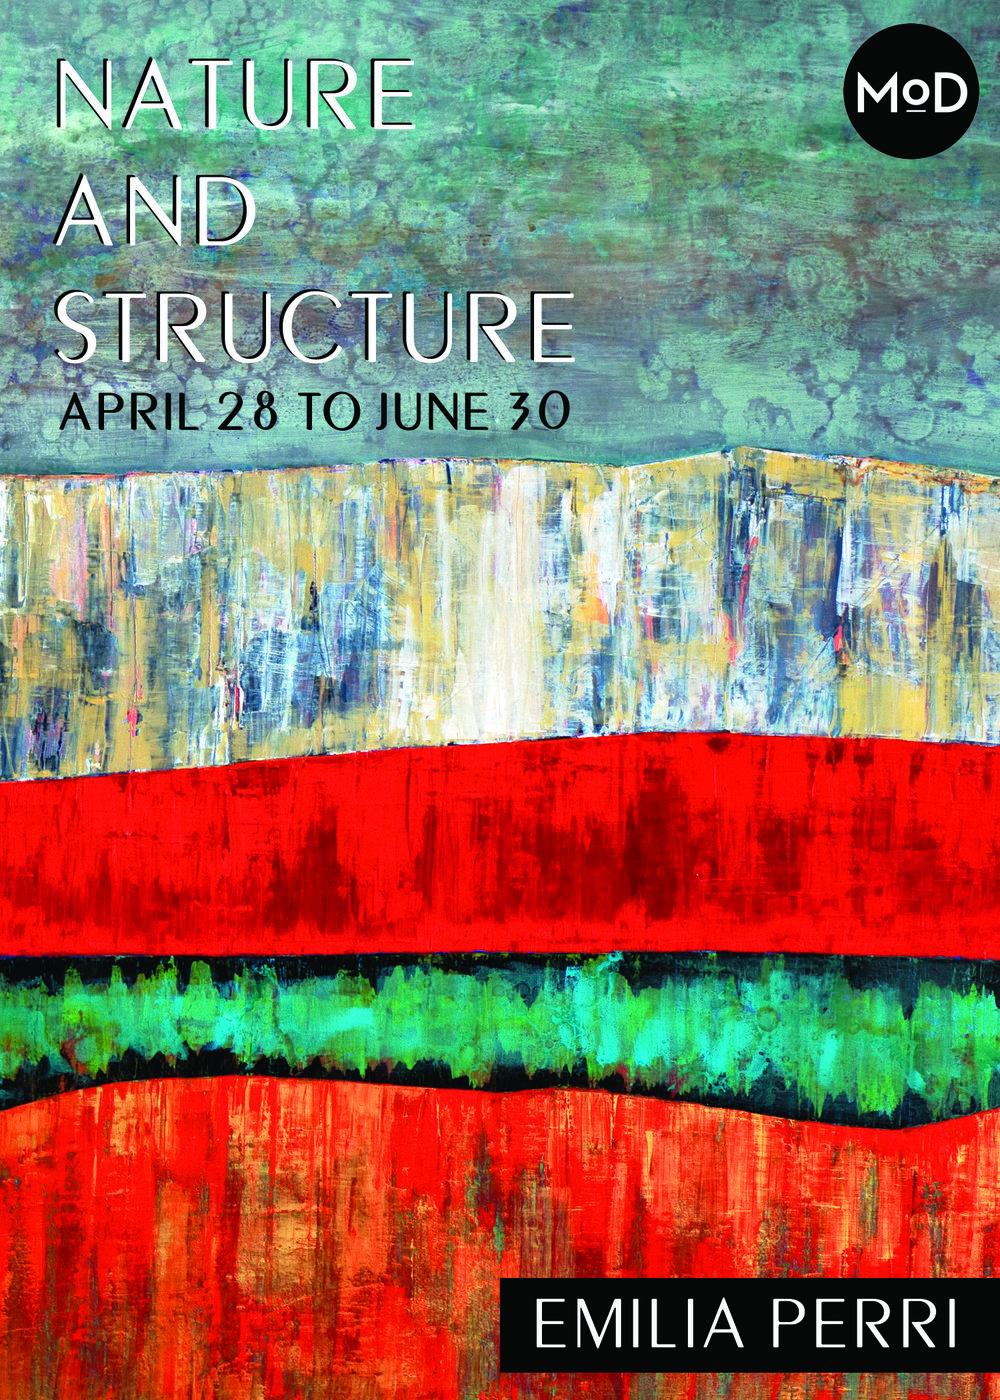 Nature Structure Invite  Emilia Perri.jpg